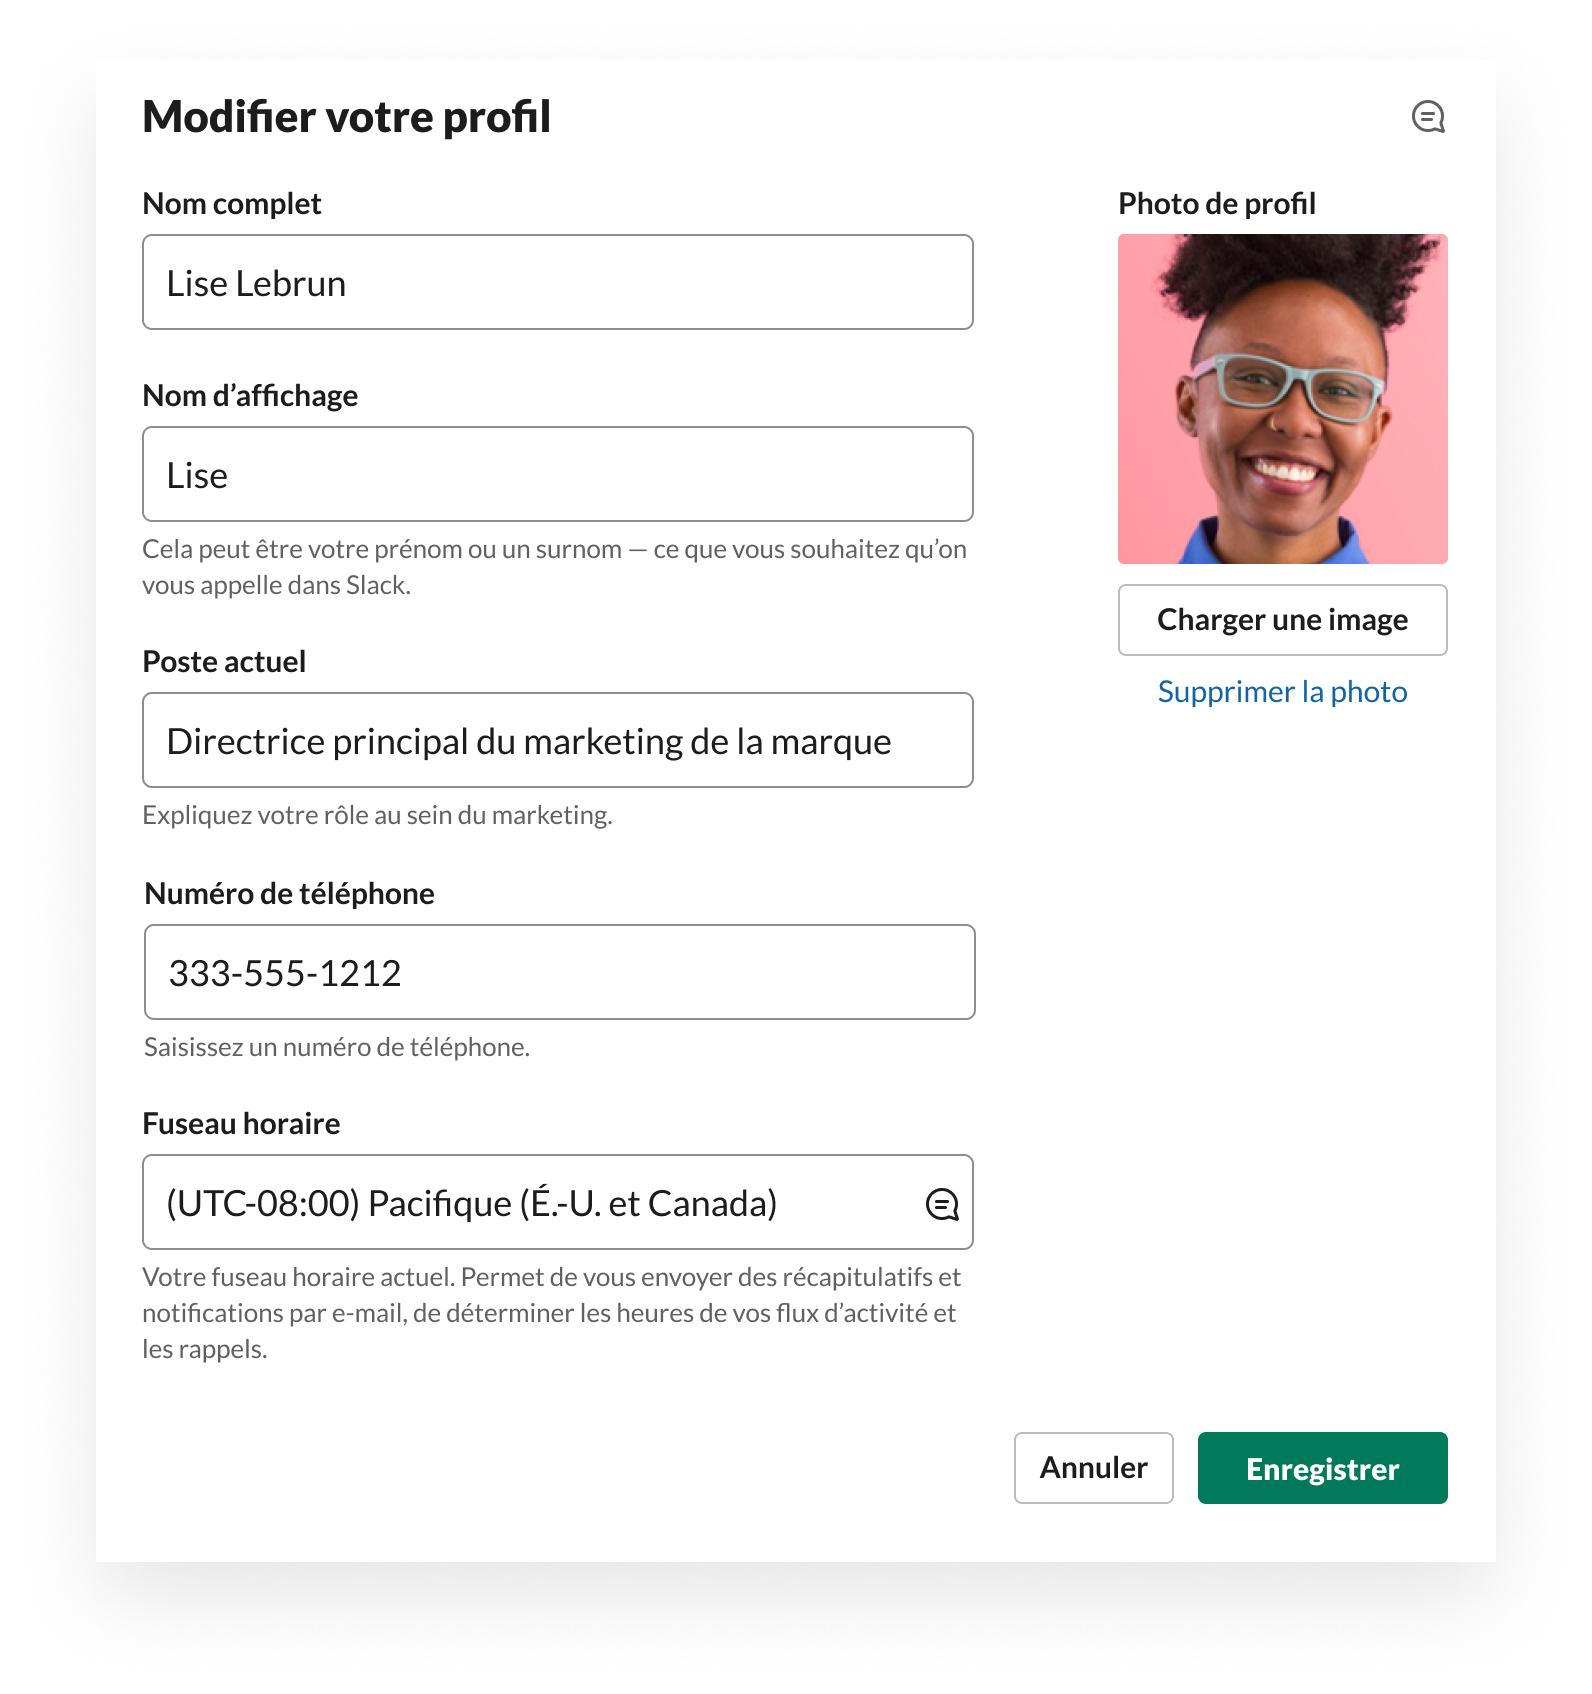 Interface de Slack qui montre comment modifier le profil et notamment la photo de profil, le nom, le poste, le fuseau horaire et le numéro de téléphone